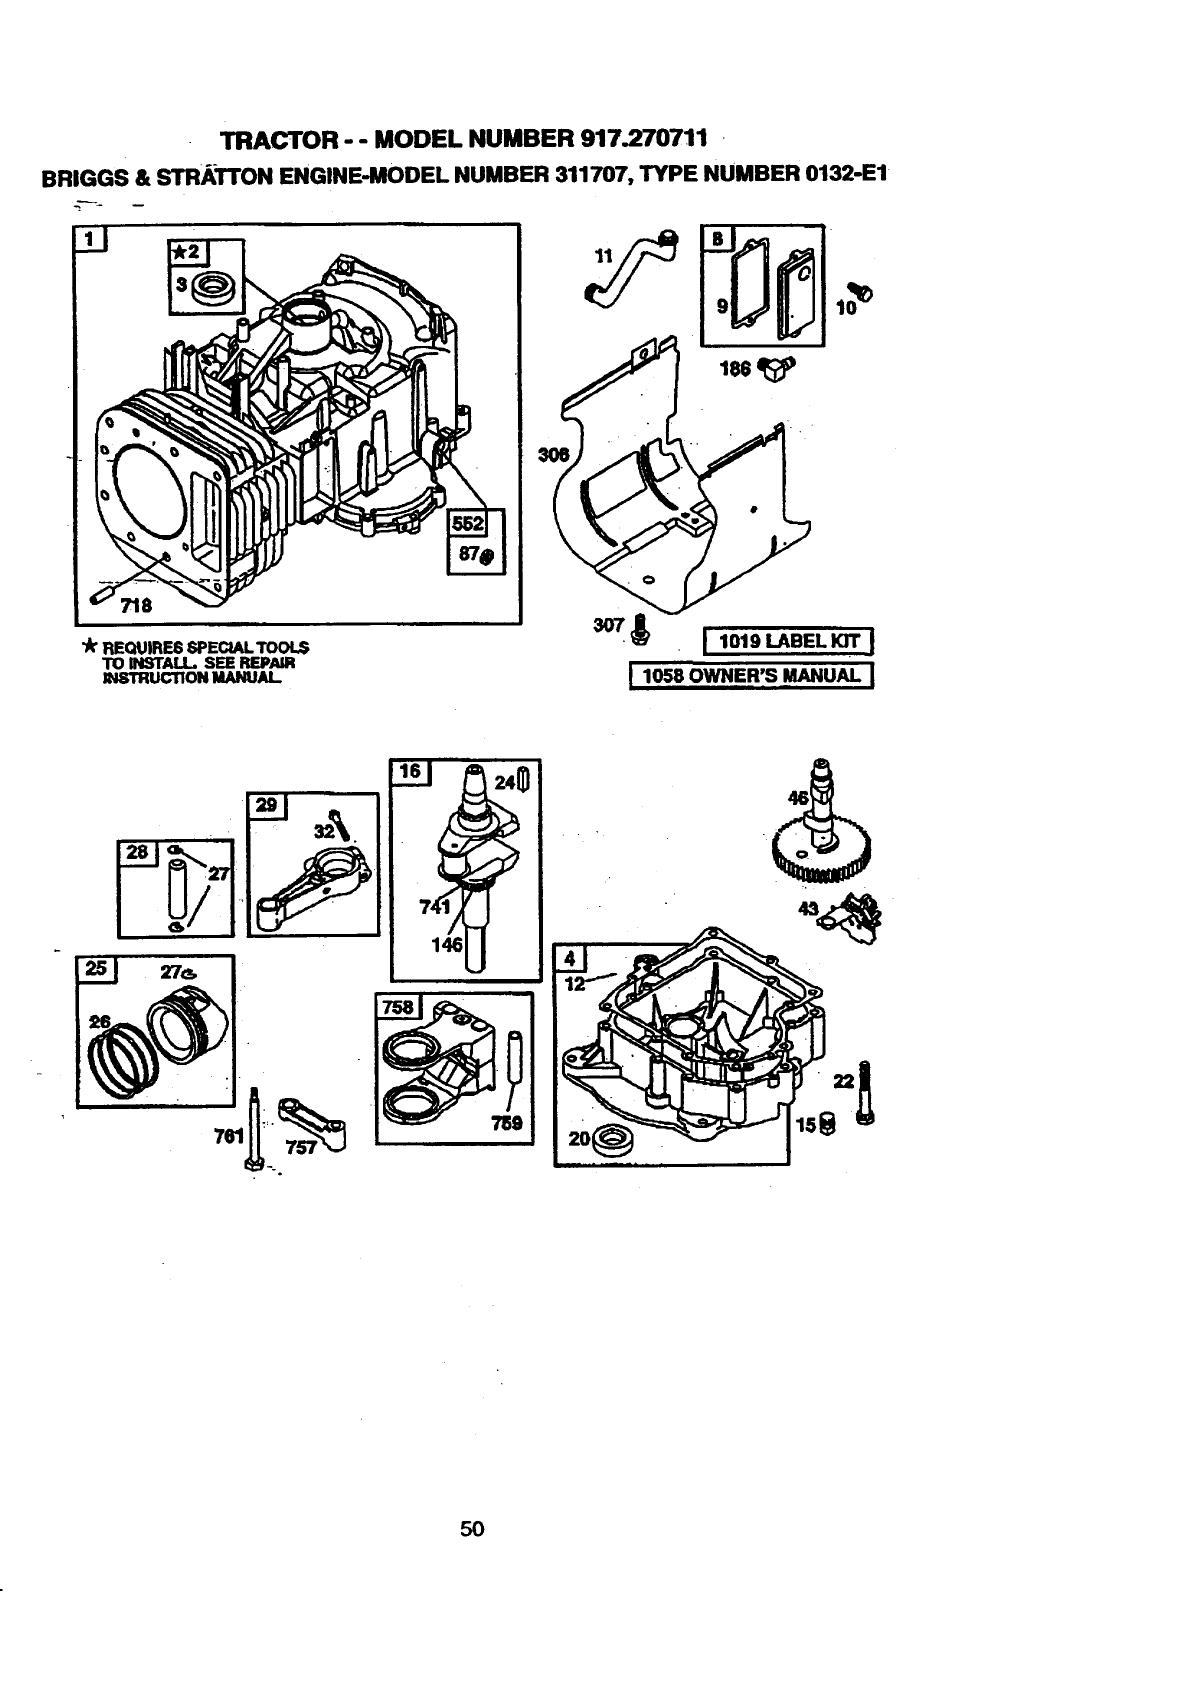 Craftsman Ez3 917 270711 Users Manual